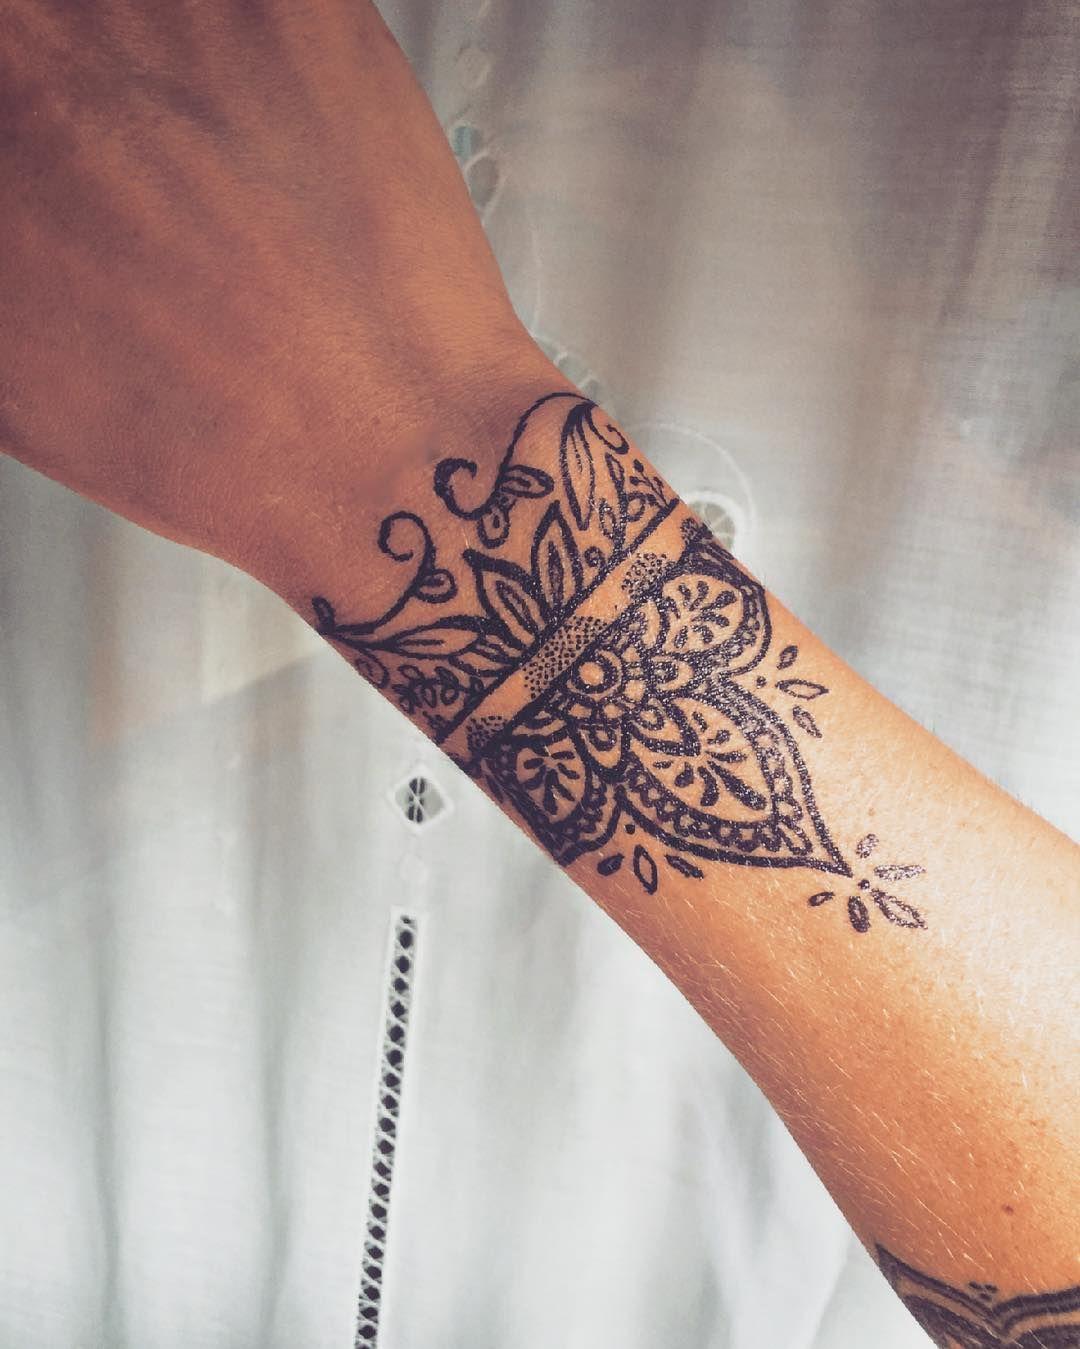 Wrist And Bracelet Tattoos For Women Men Page 11 Of 37 Tattofit Com Best Tattoo Blog Cuff Tattoo Forearm Tattoo Women Wrist Tattoos For Guys